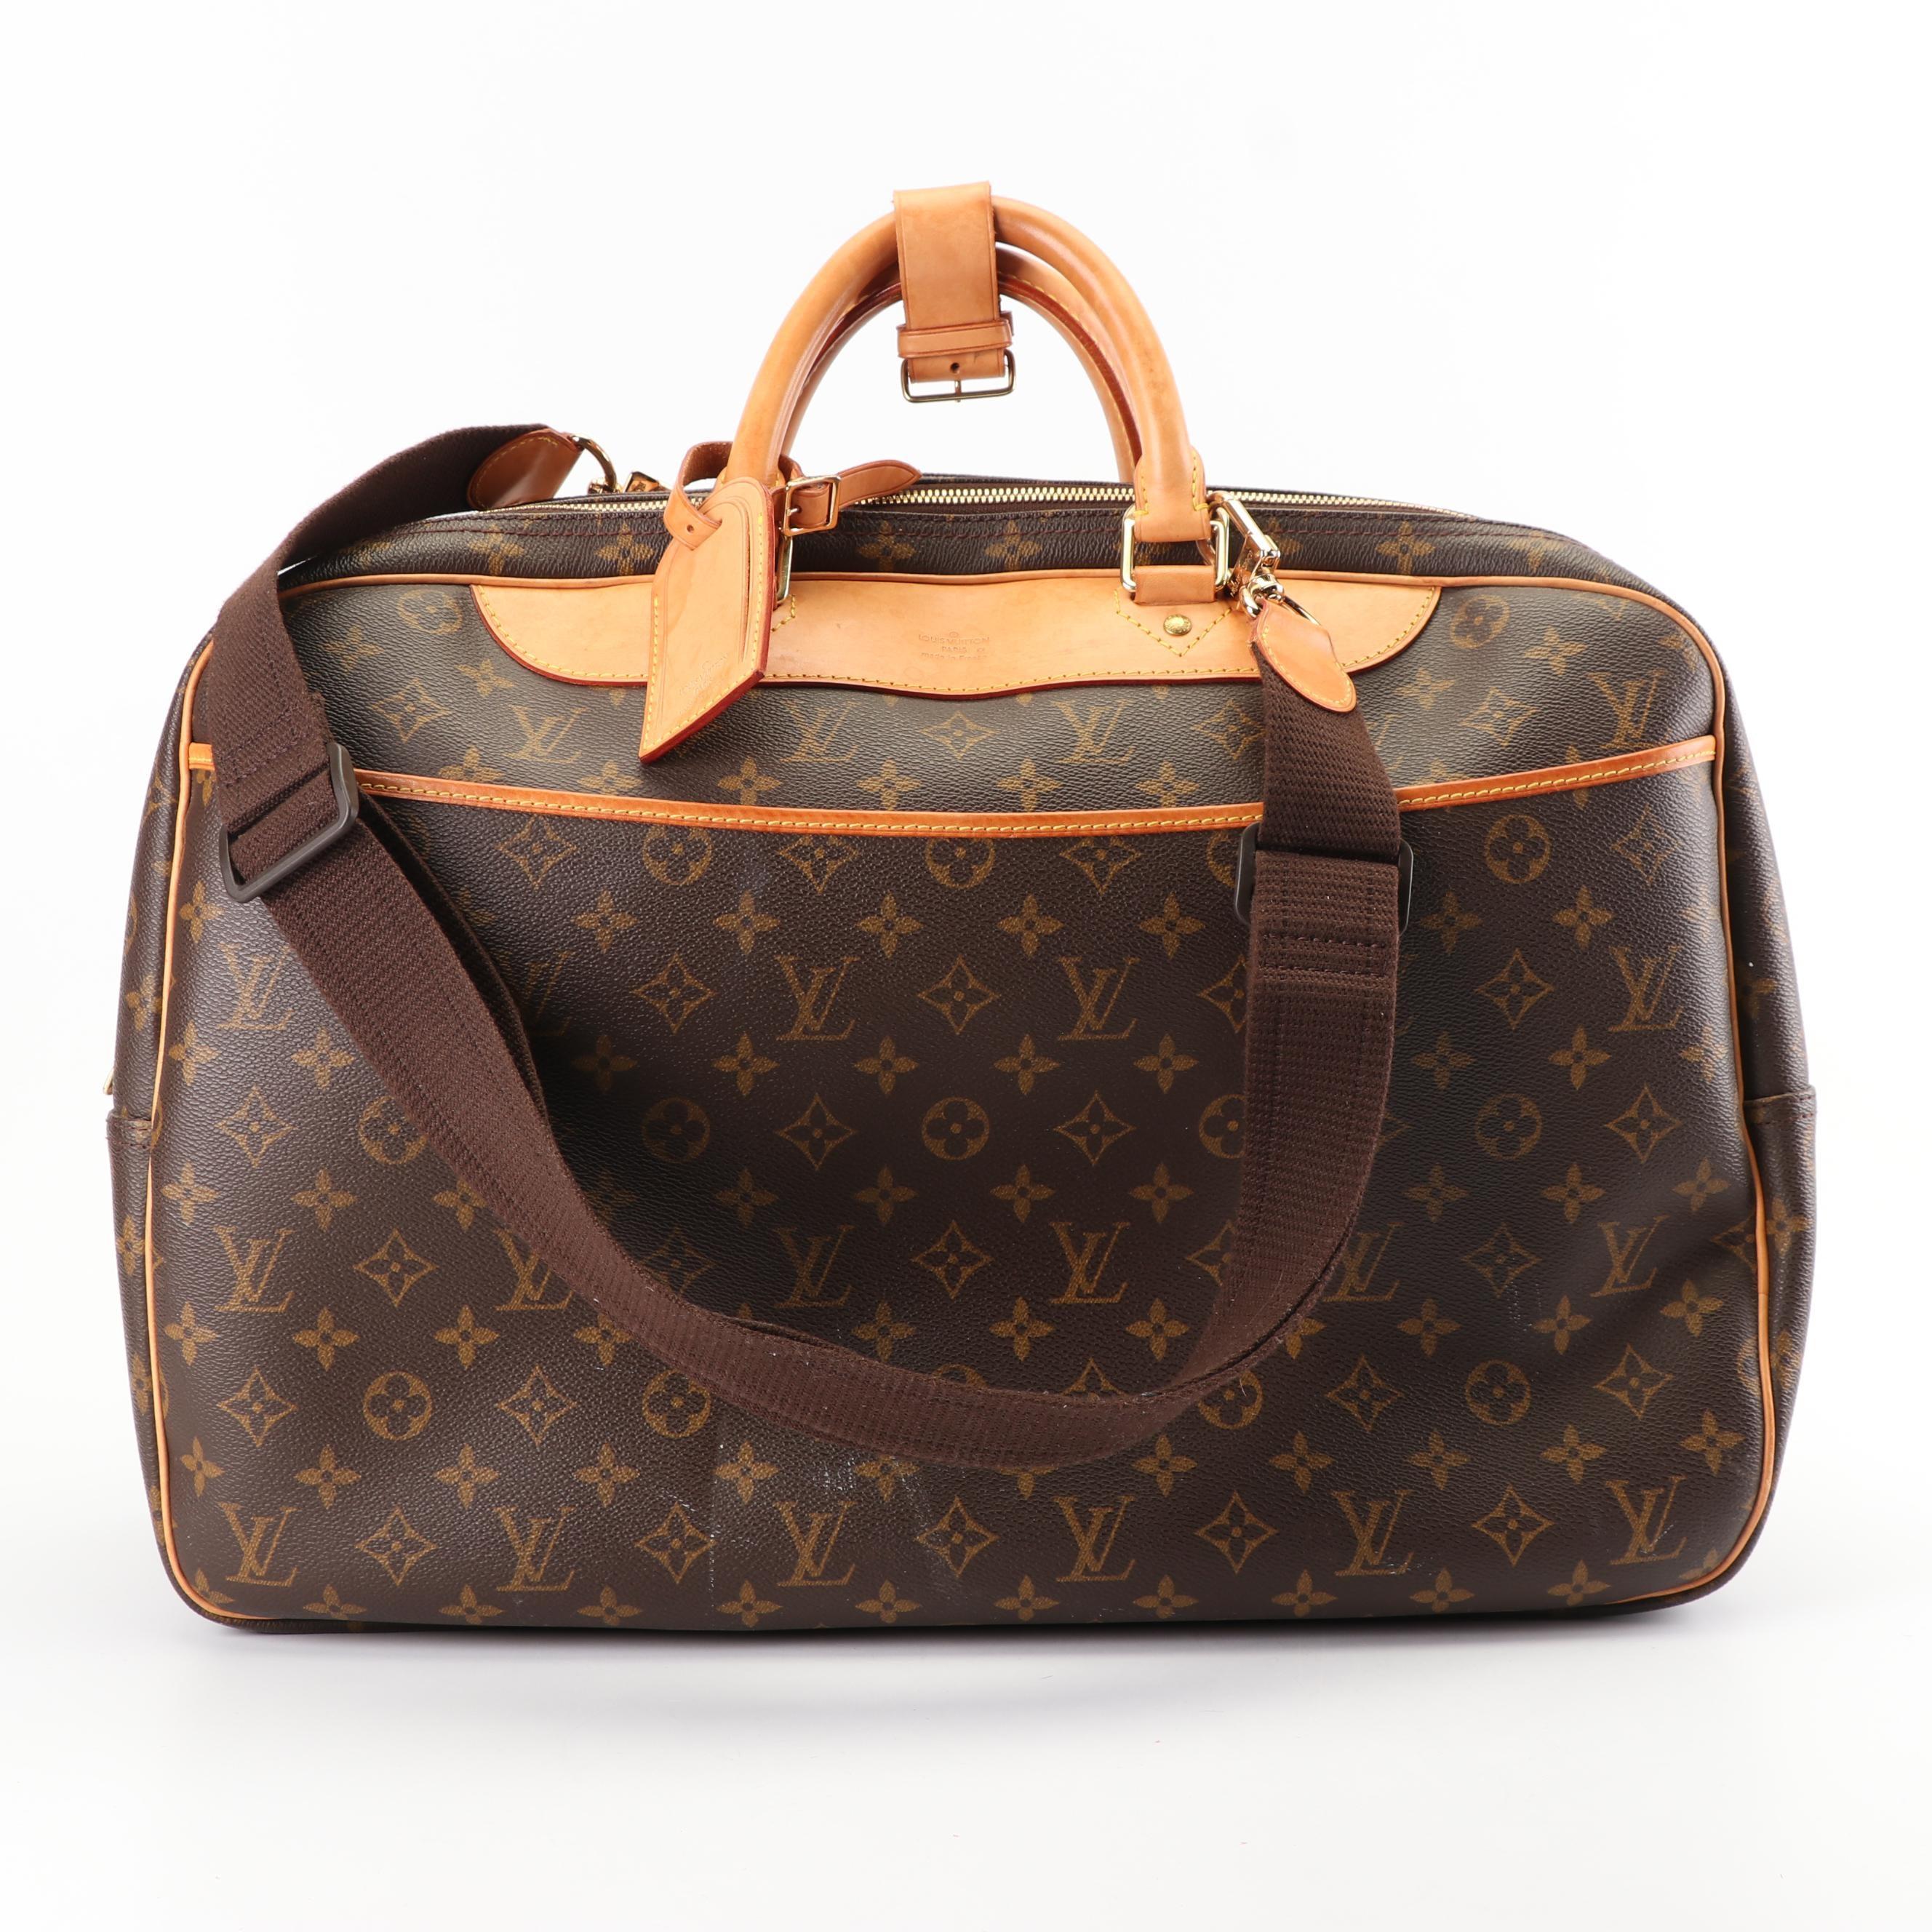 Louis Vuitton Paris Alize Monogram Coated Canvas Carry-On Bag, 2000